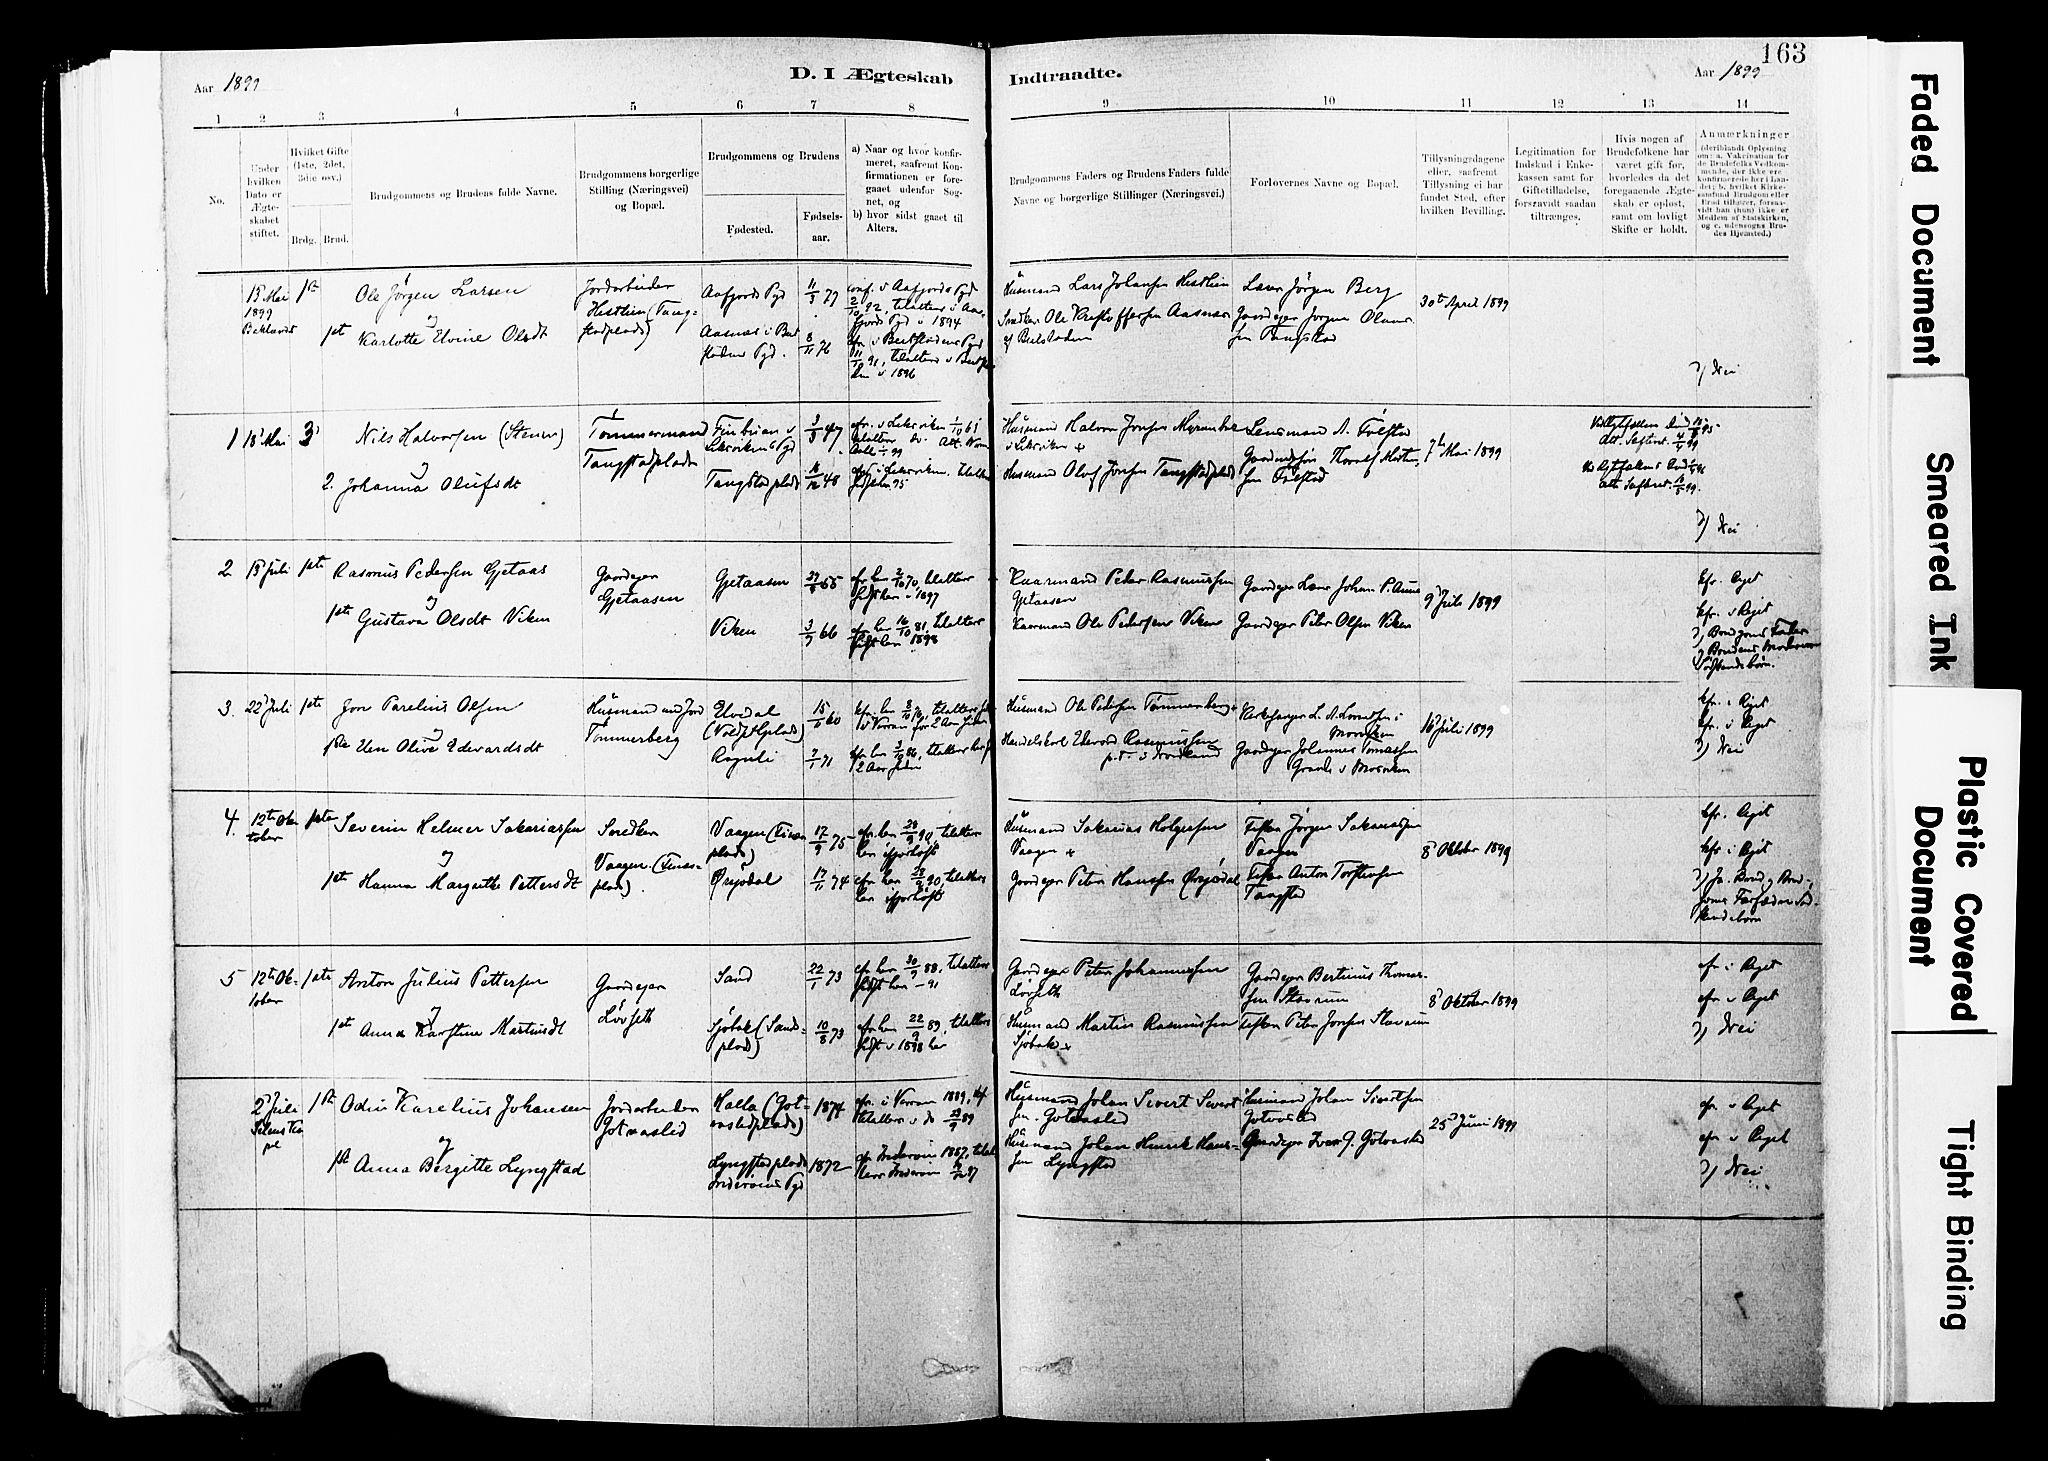 SAT, Ministerialprotokoller, klokkerbøker og fødselsregistre - Nord-Trøndelag, 744/L0420: Ministerialbok nr. 744A04, 1882-1904, s. 163